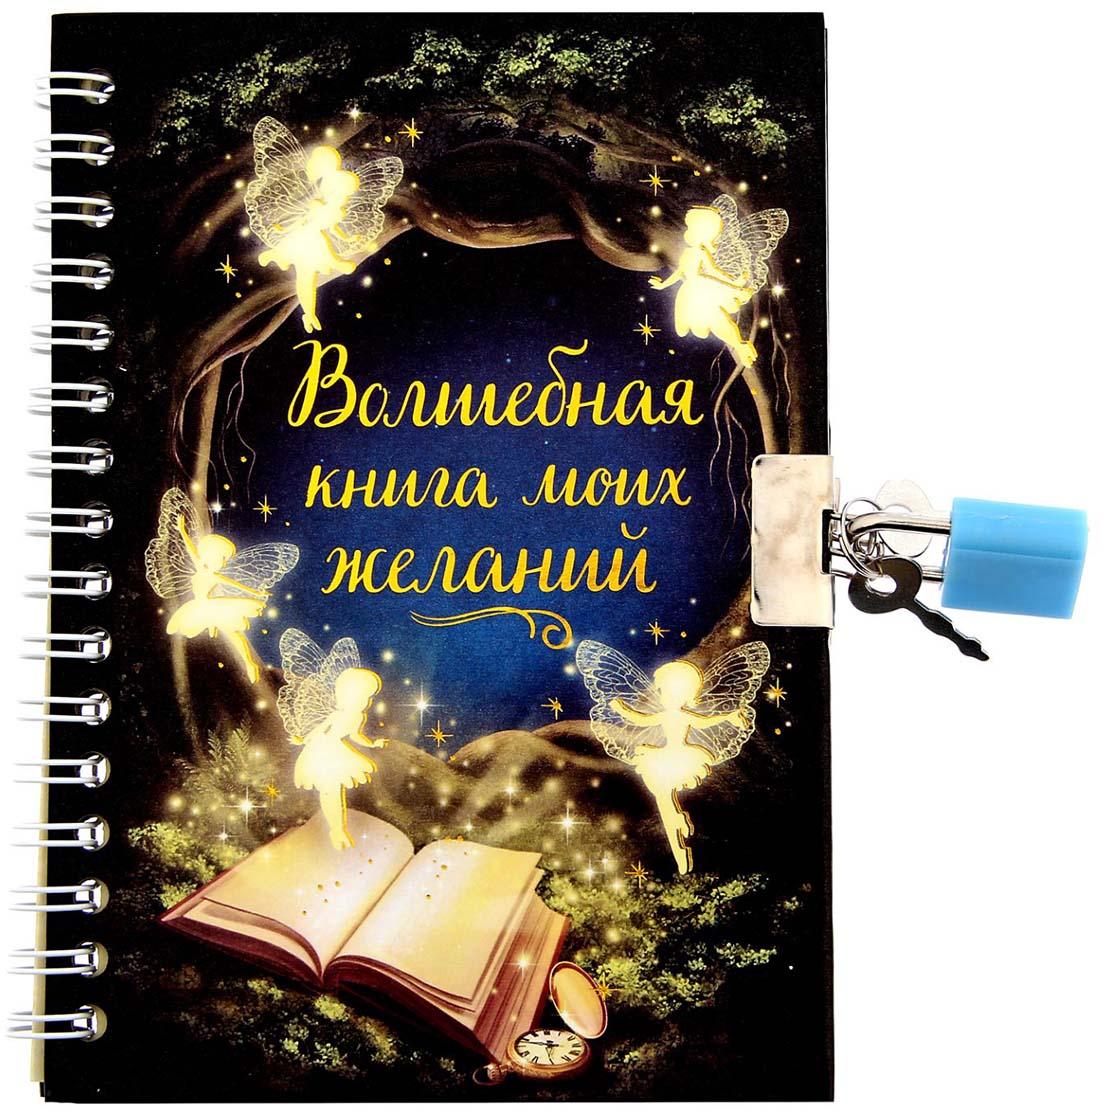 Записная книжка на замочке Волшебная книга моих желаний 50 листов в линейку волшебная книга моих пожеланий к новому году